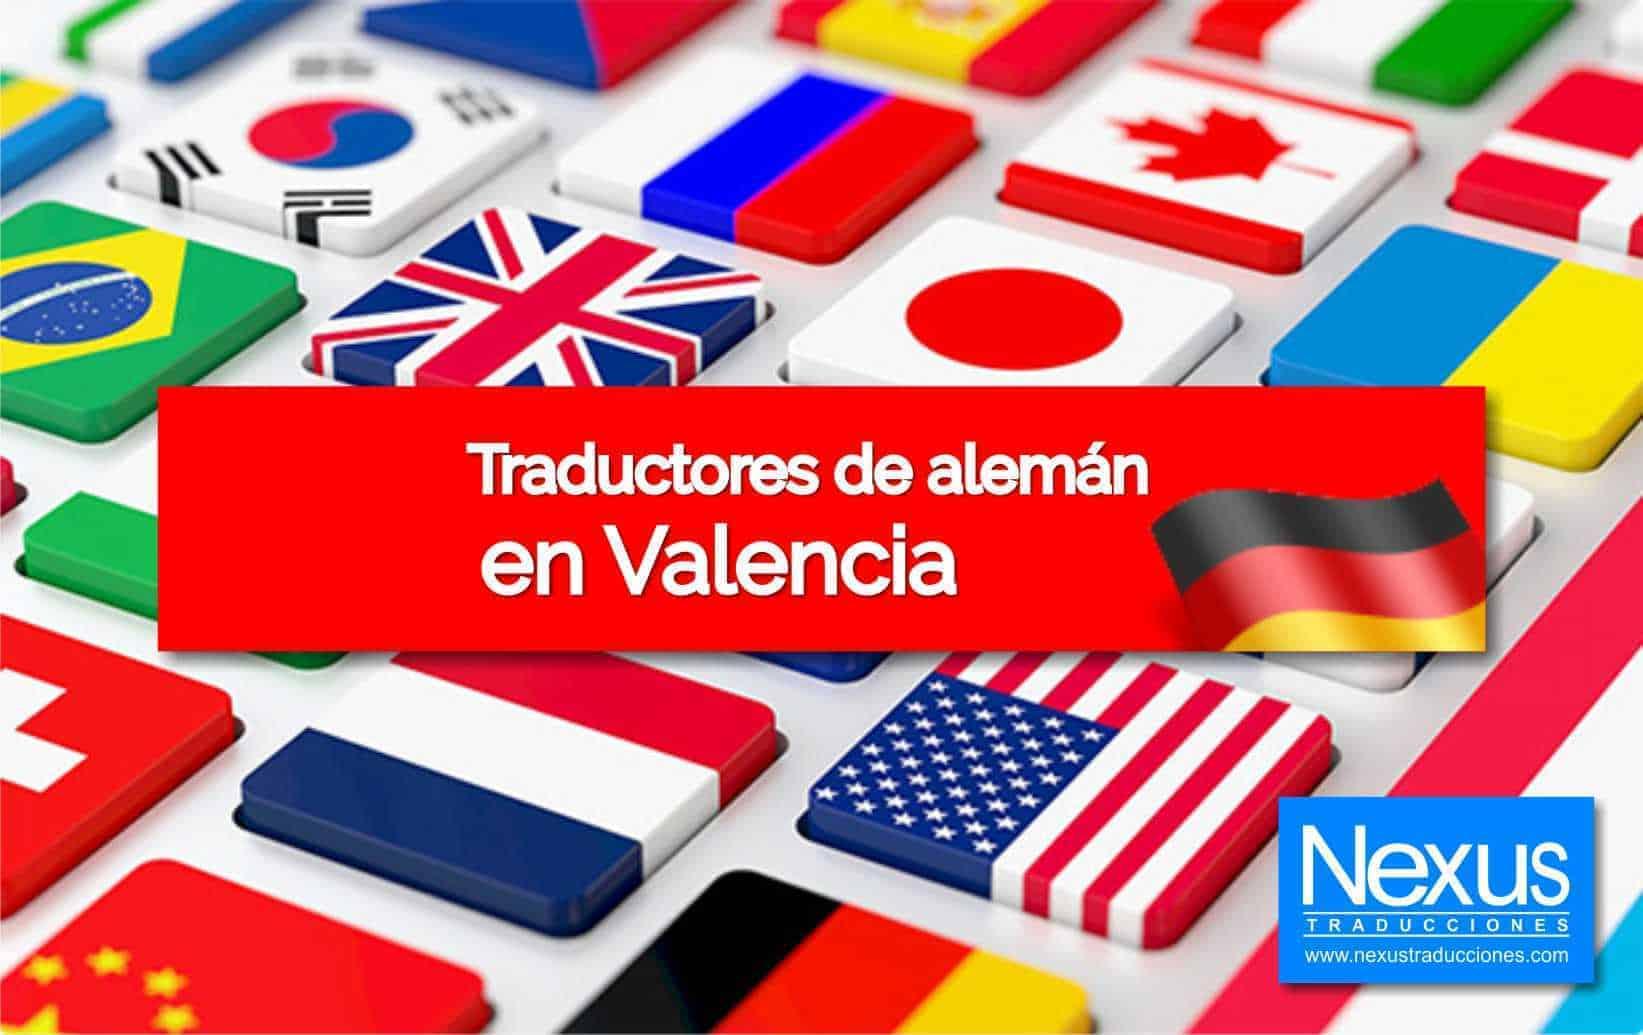 Traducción de alemán en Valencia